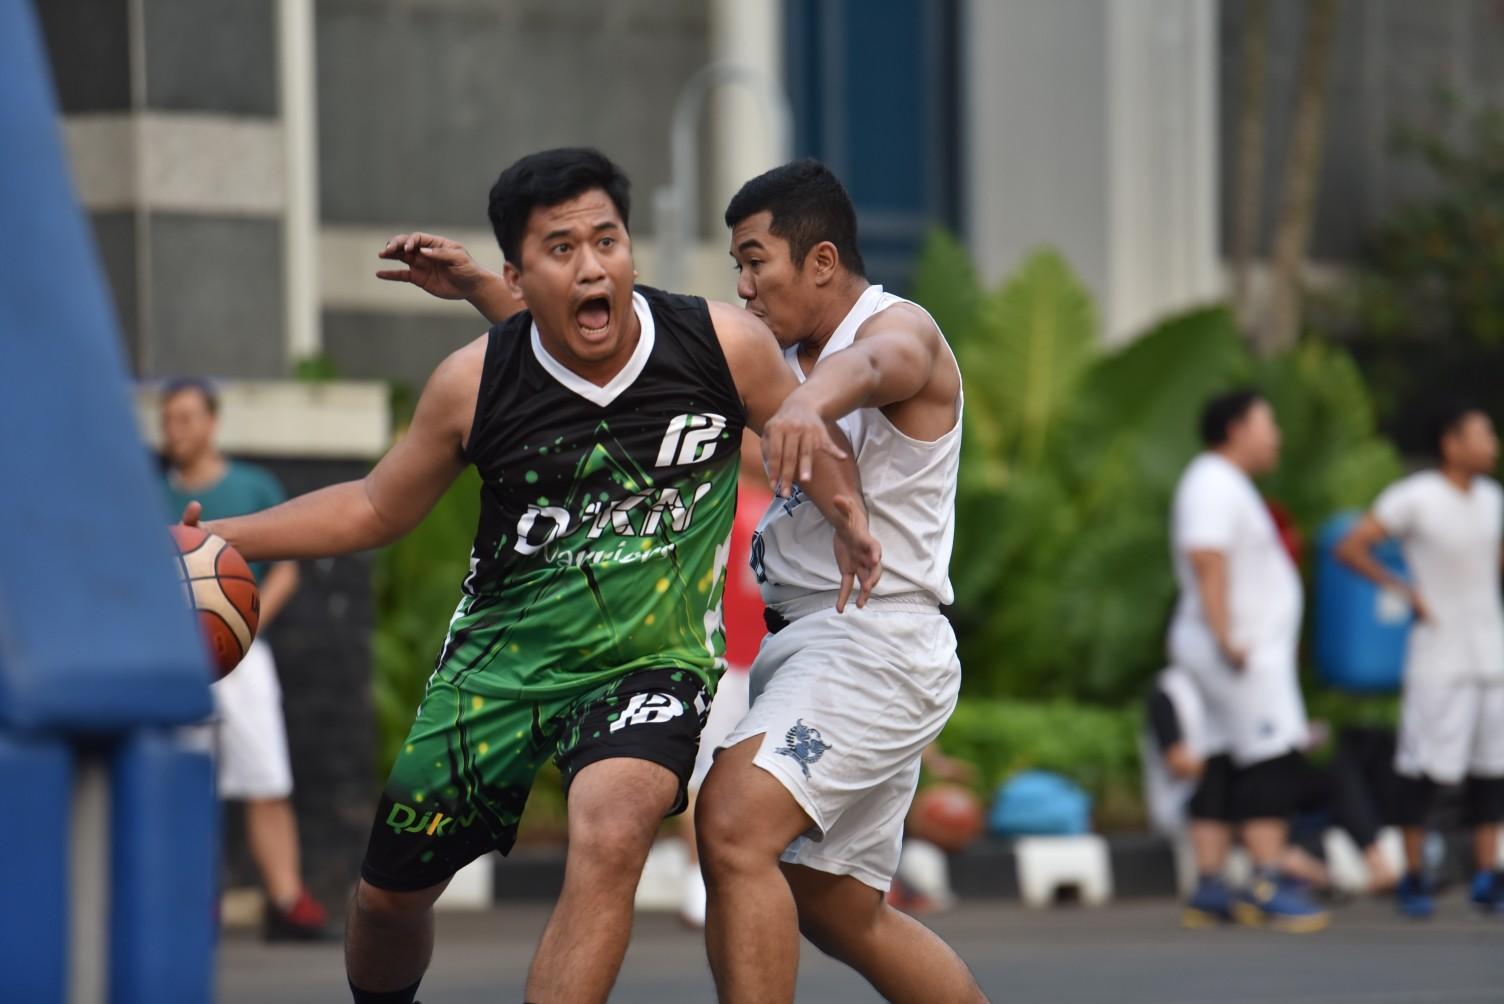 Unggul Dua Poin, DJKN Rebut Gelar Juara 3x3 Hari Oeang 72